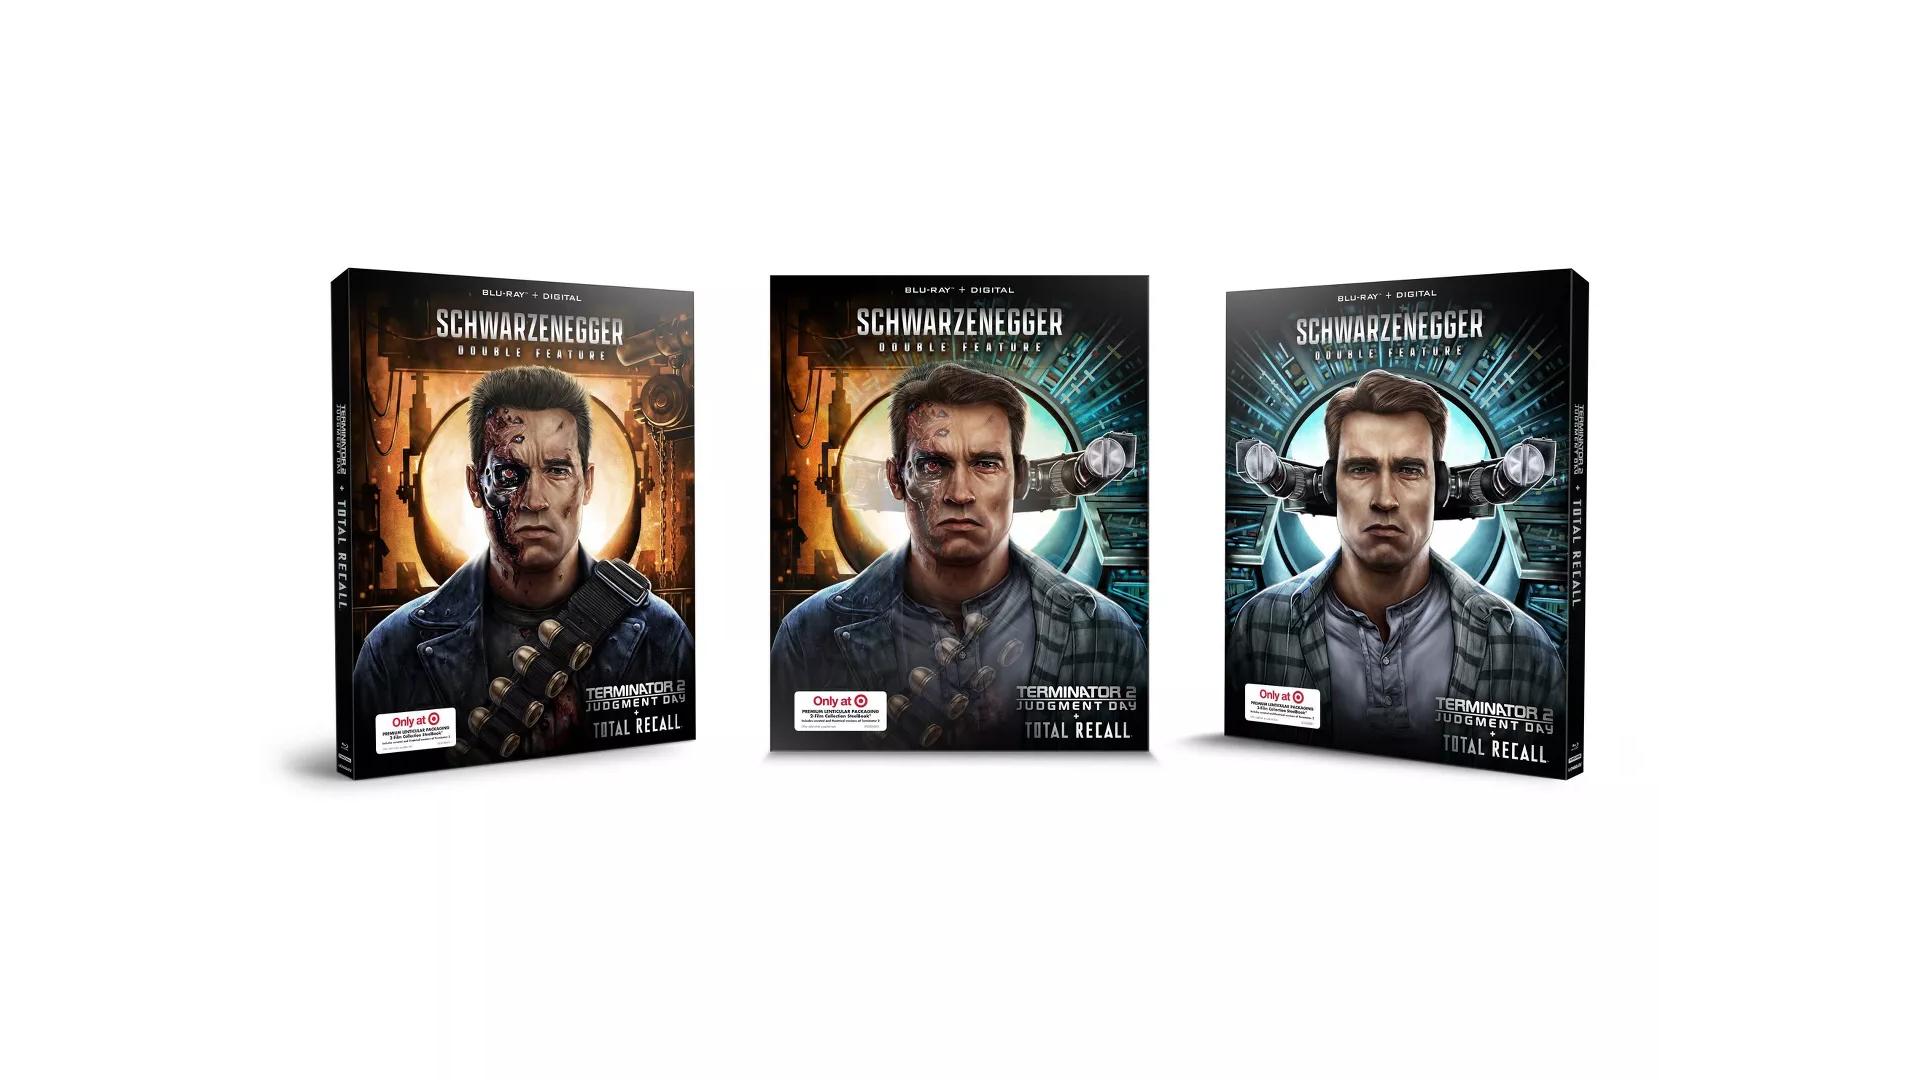 Terminator 2 & Total Recall: Double Pack (Target Exclusive SteelBook) (Blu-ray + Digital)